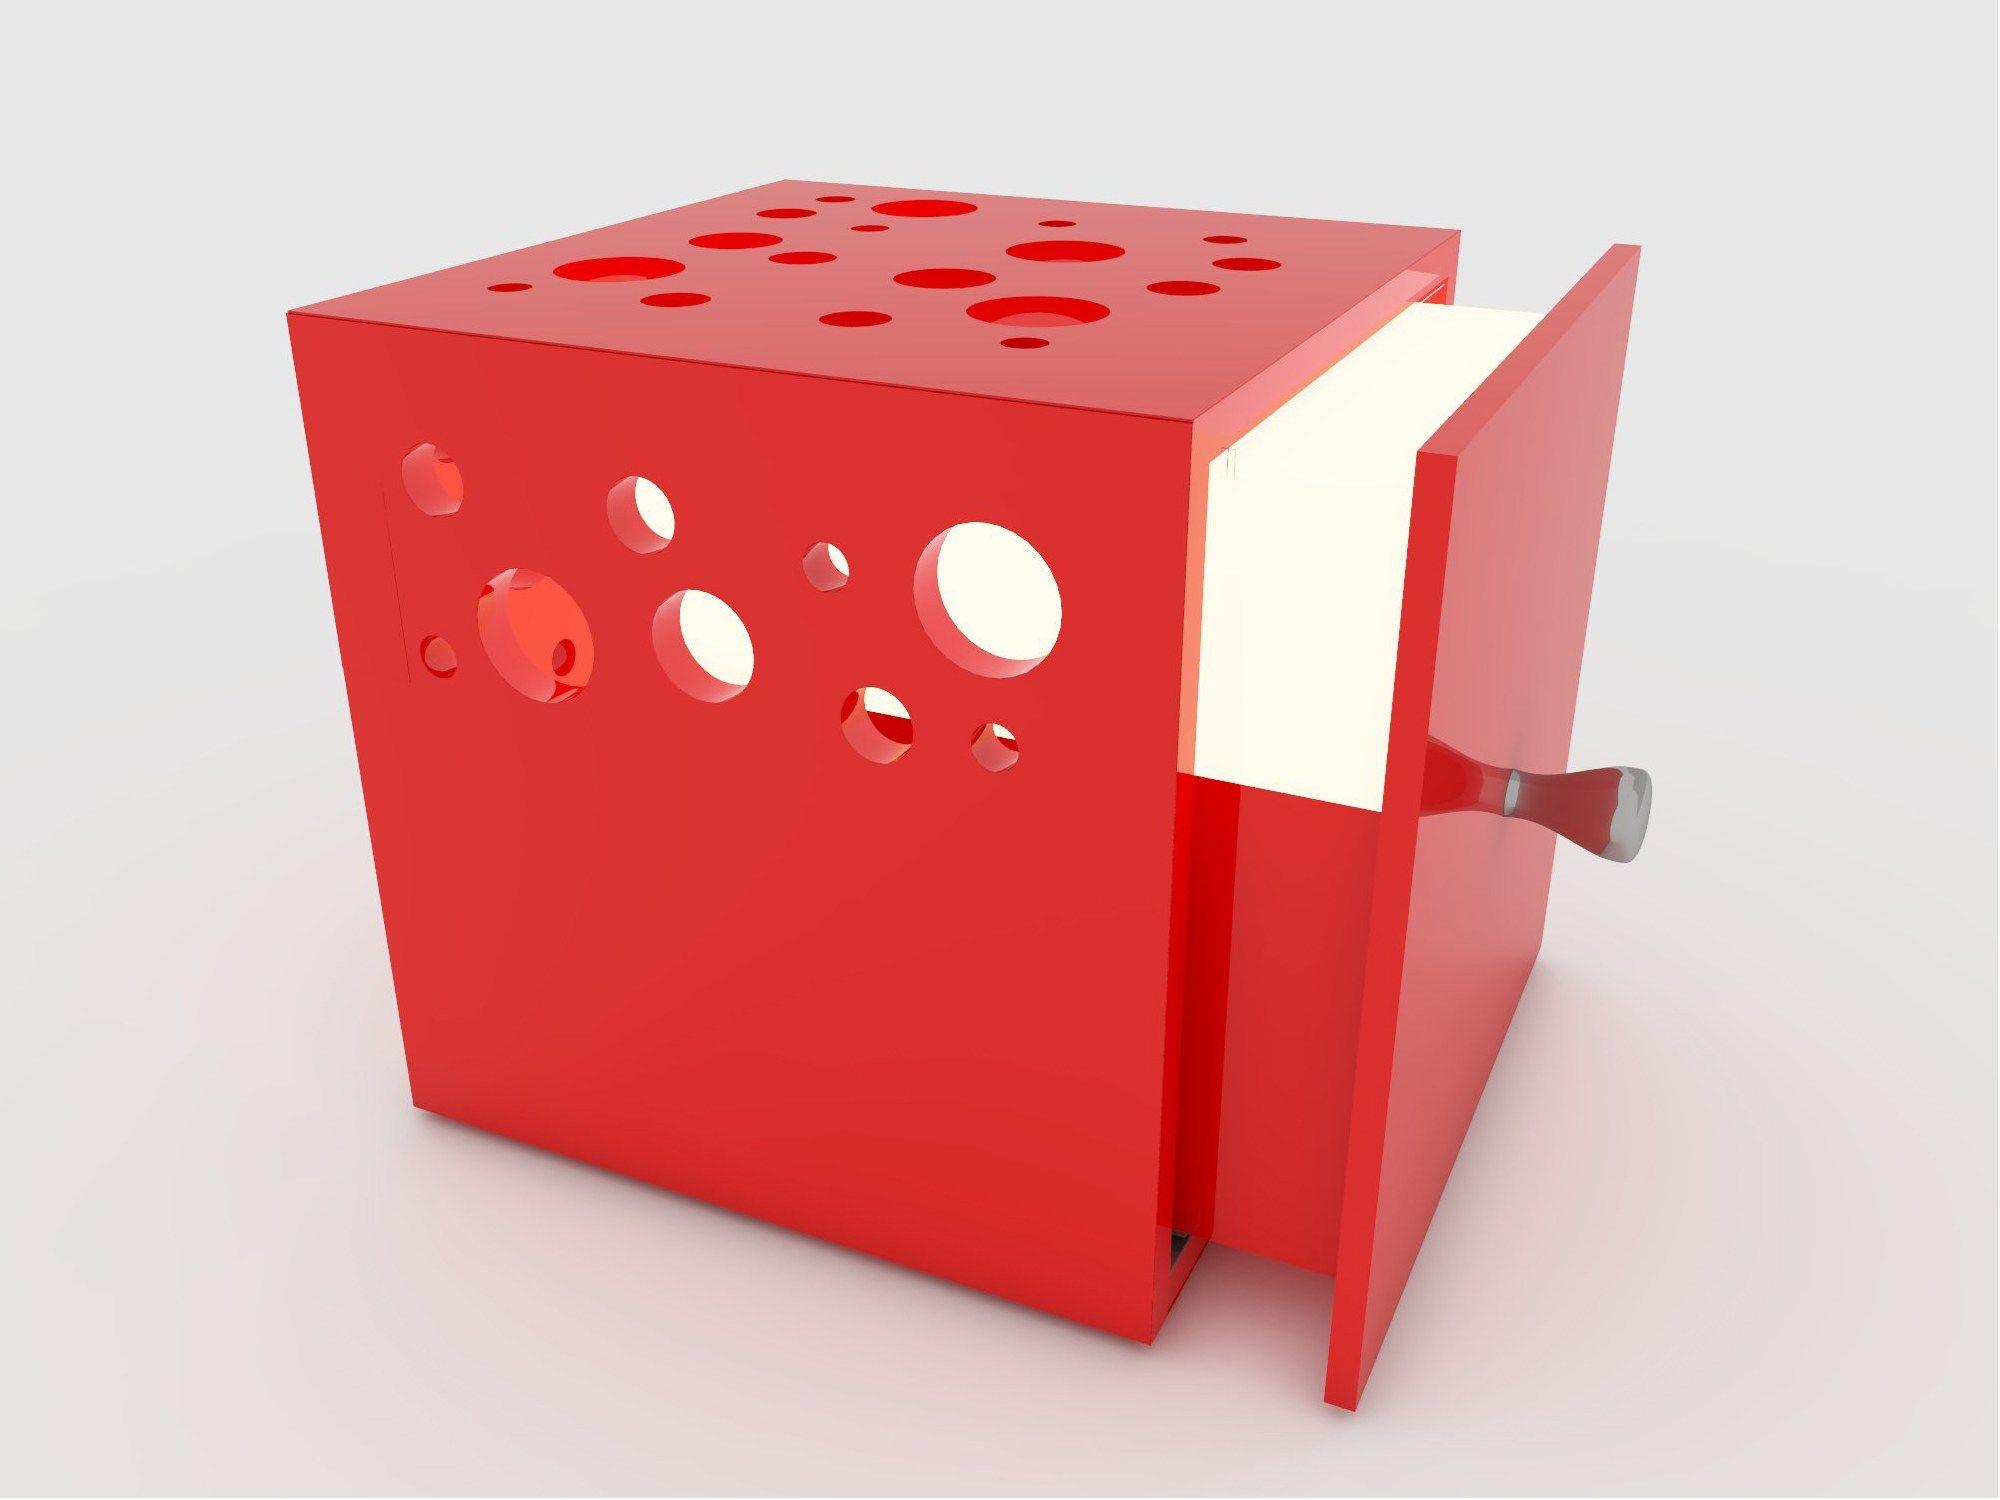 Lampe Table De Pour Led Directindirect Éclairage Cube TF1lKcJ3